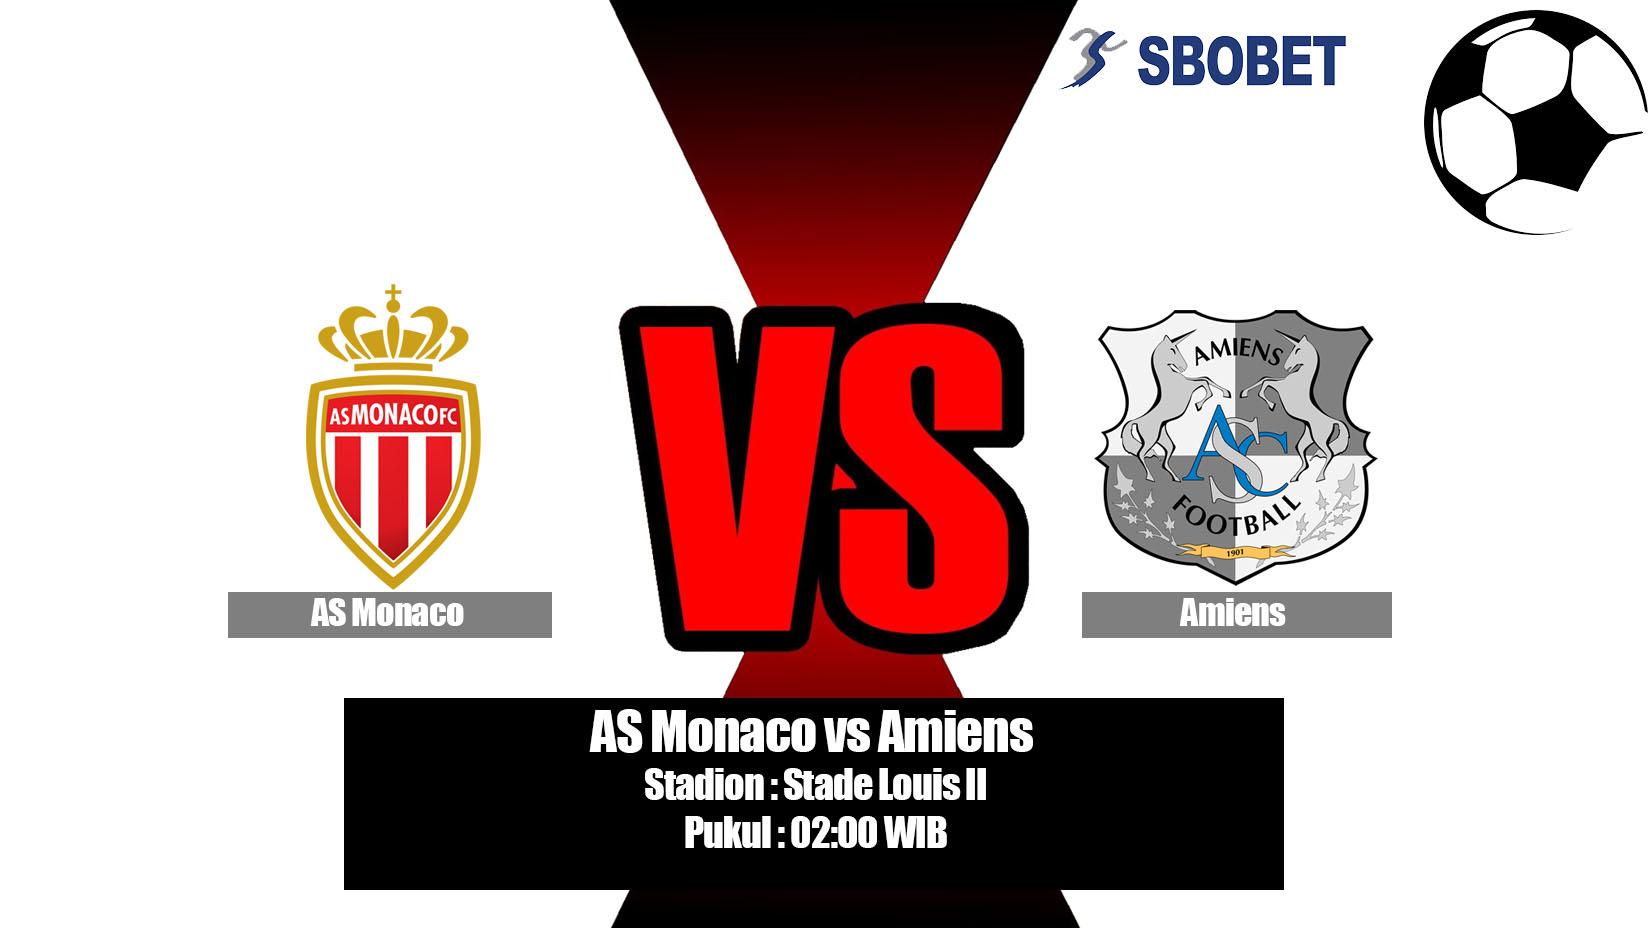 Prediksi Bola AS Monaco vs Amiens 19 Mei 2019